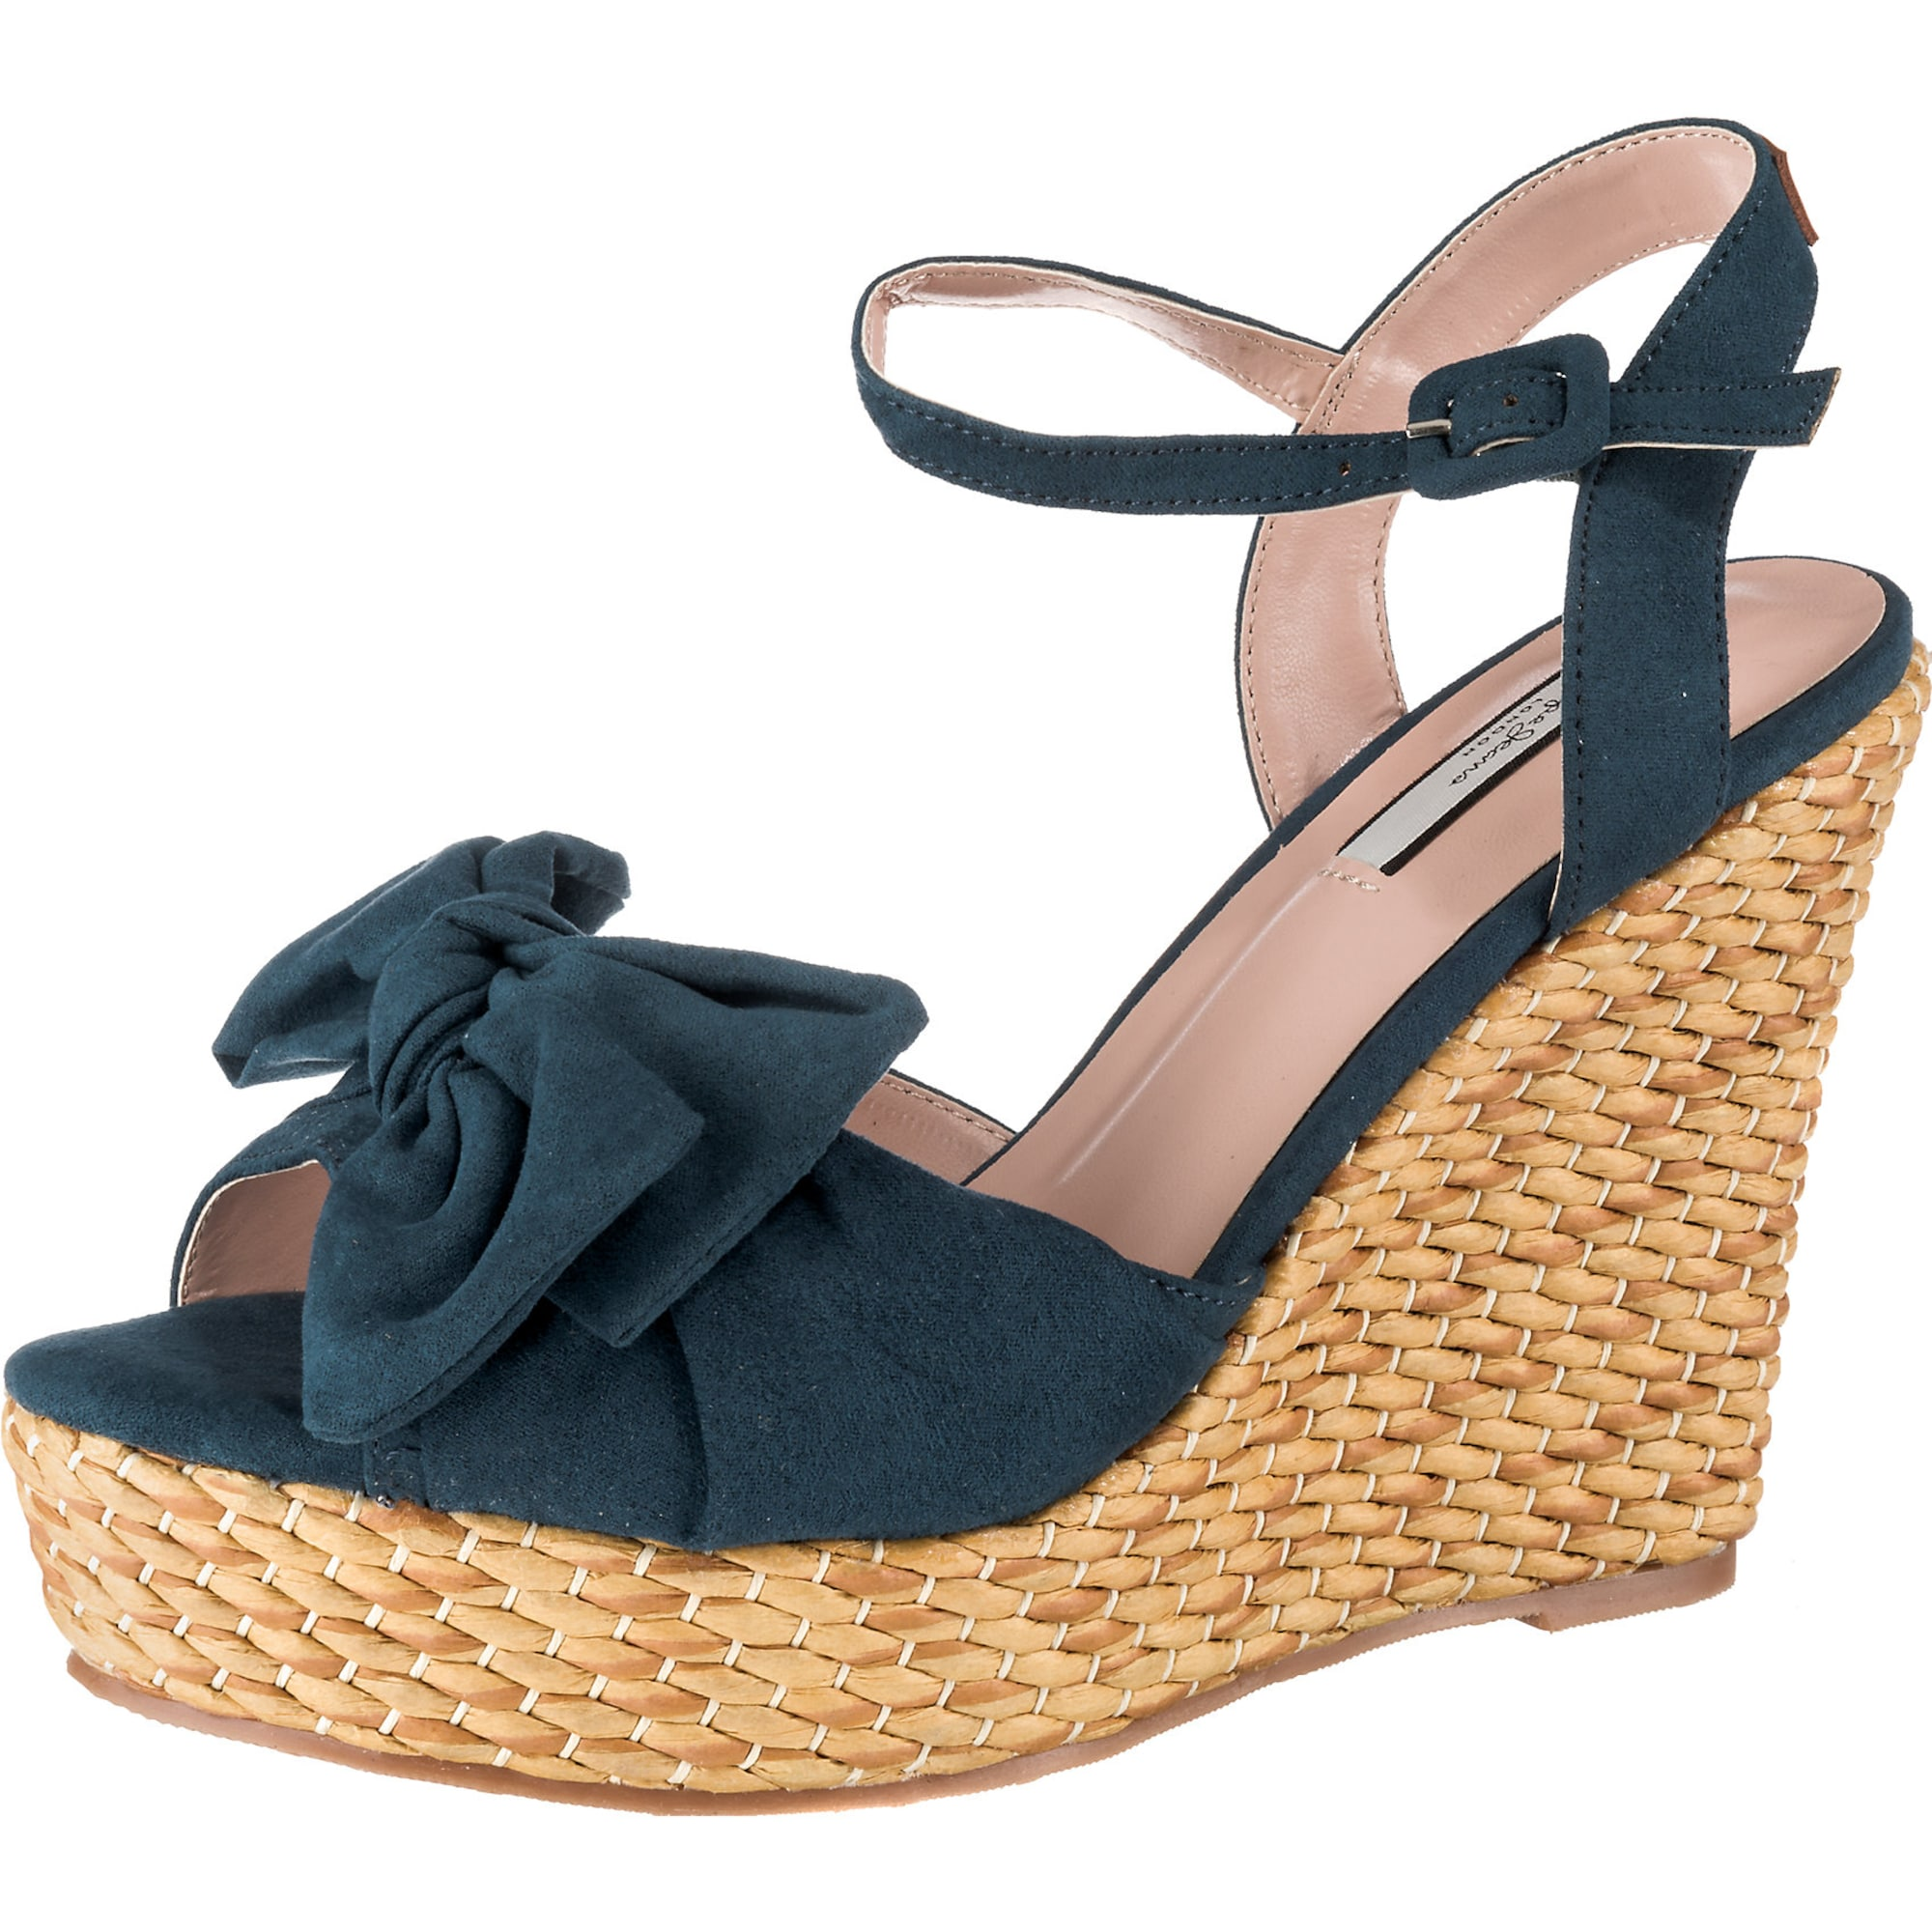 Sandaletten | Schuhe > Sandalen & Zehentrenner | Dunkelblau | Pepe Jeans